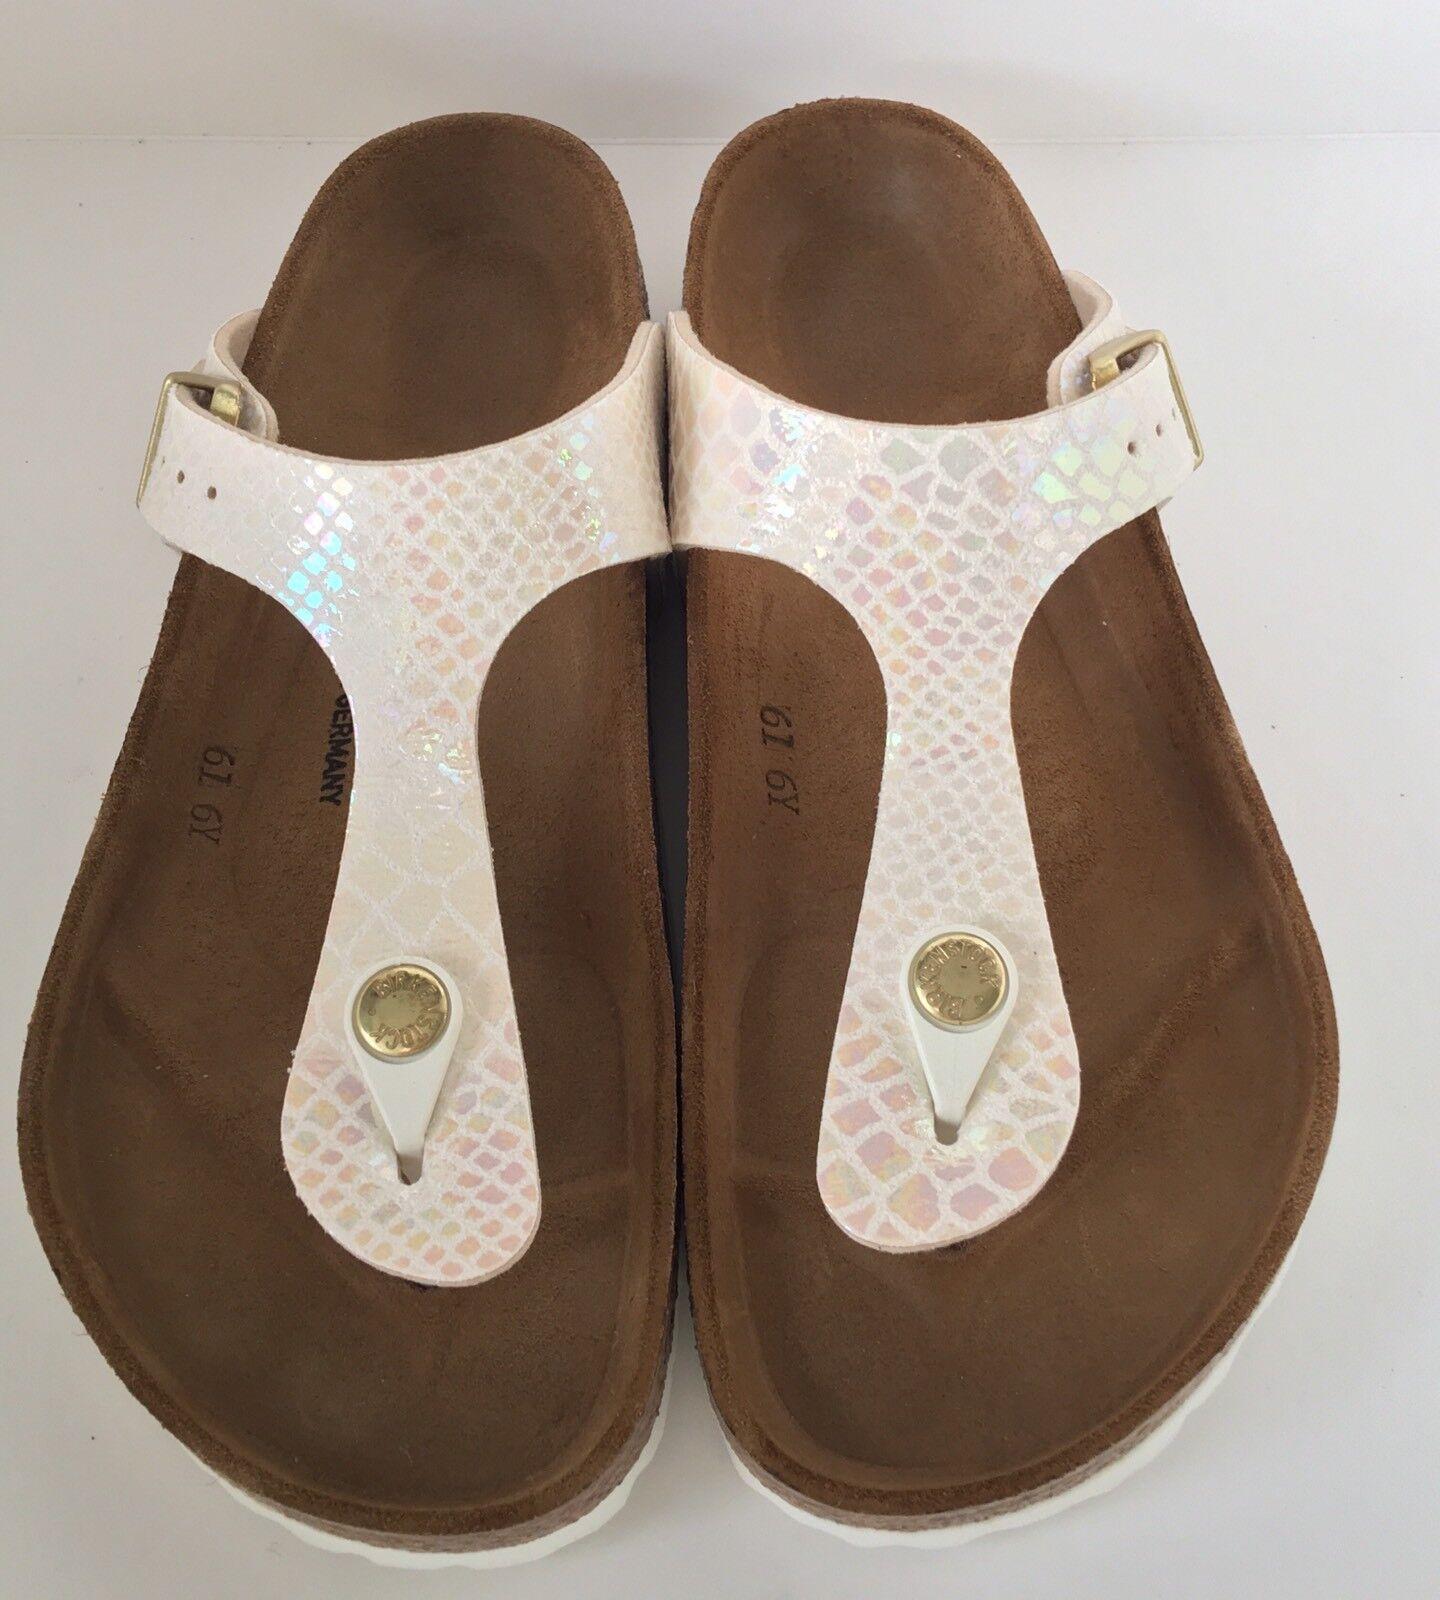 Birkenstock Gizeh 847431 Größe 38 L7 R Shiny Snake Cream Birko-Flor Thong Sandale